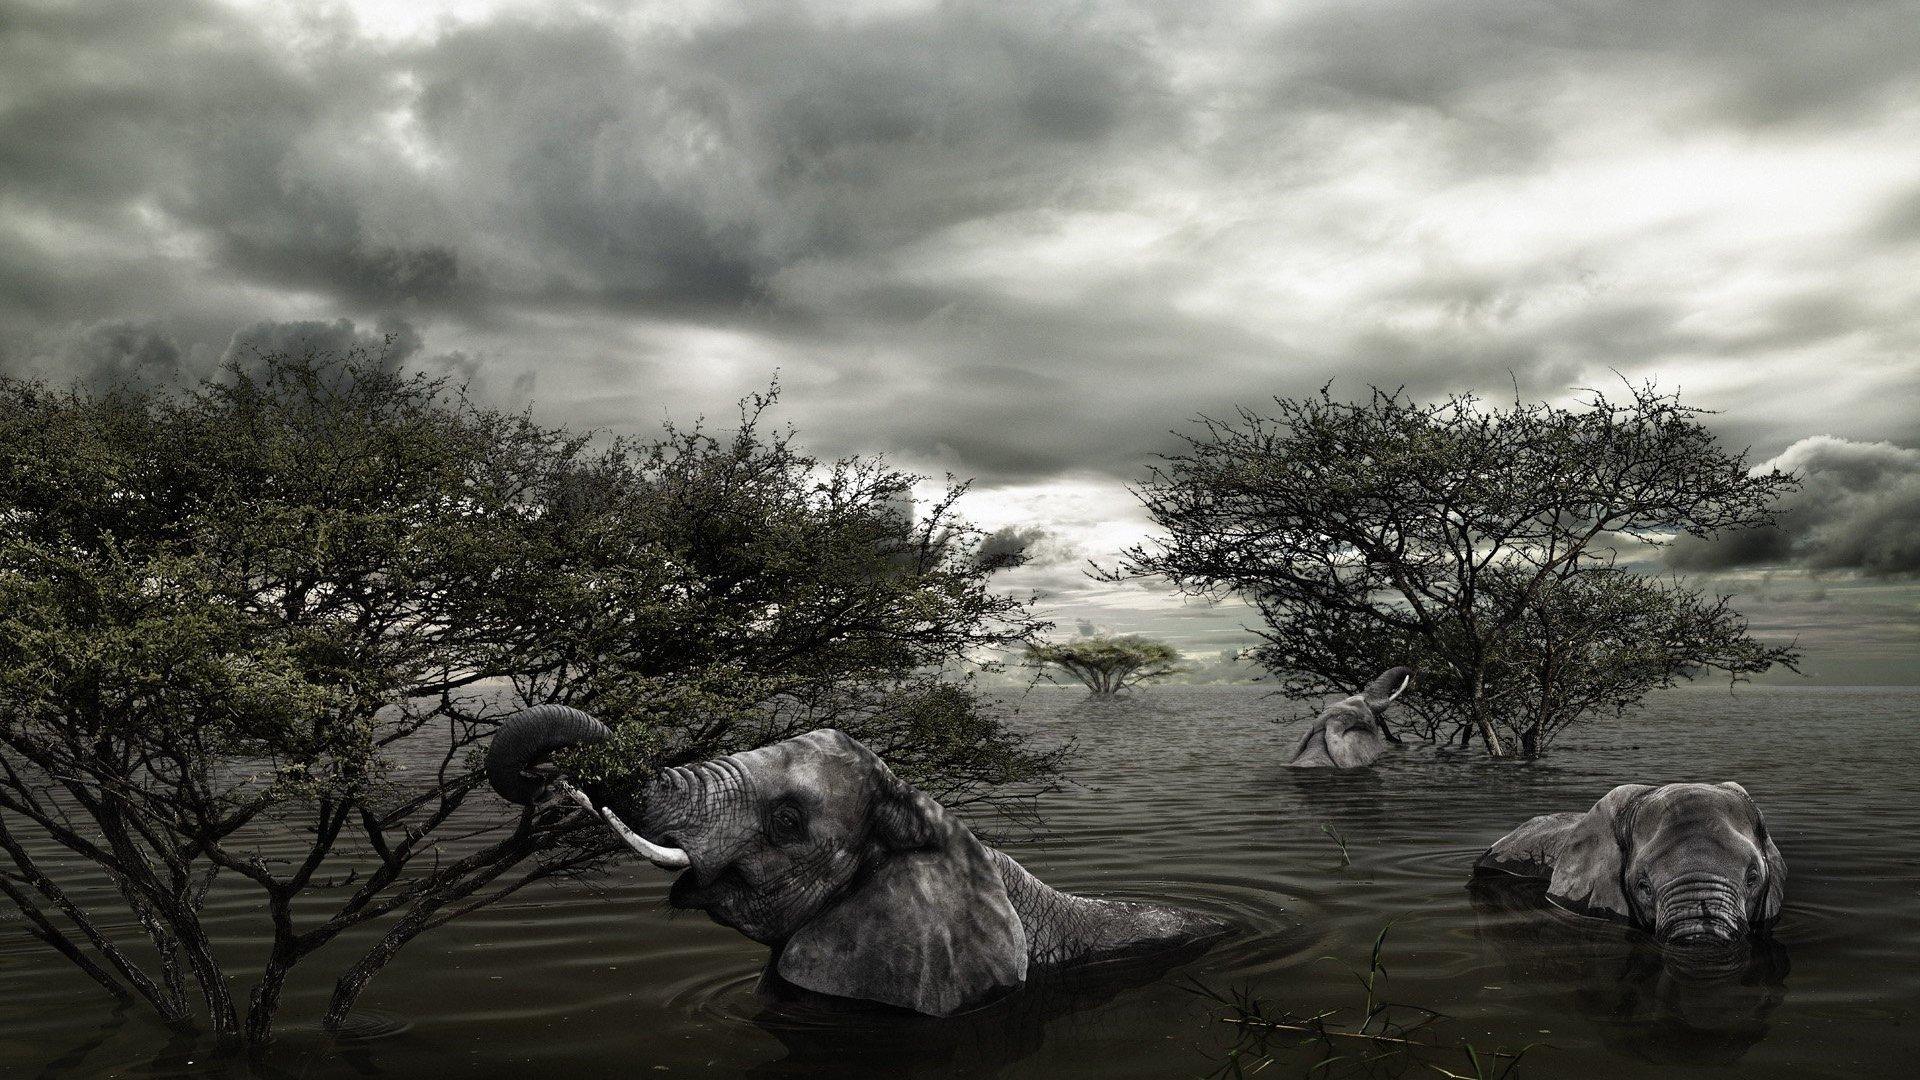 trees animals flood elephants wallpaper 1920x1080